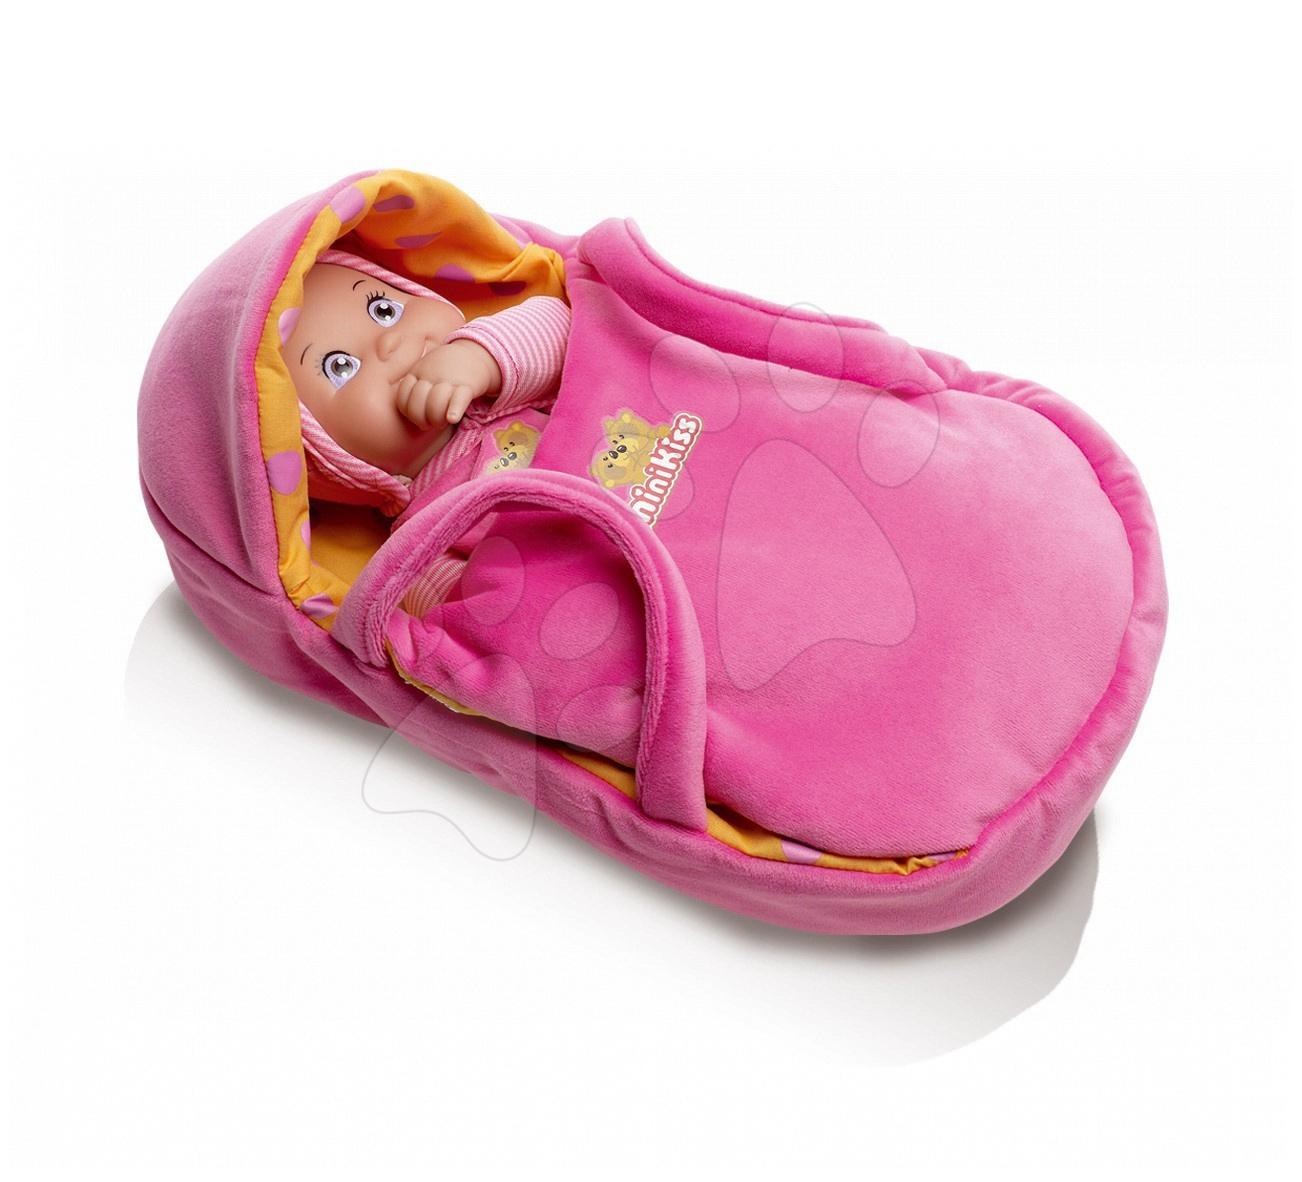 Produse vechi - Minikiss baby carry Smoby pentru păpuși de 27 de cm de la 12 luni